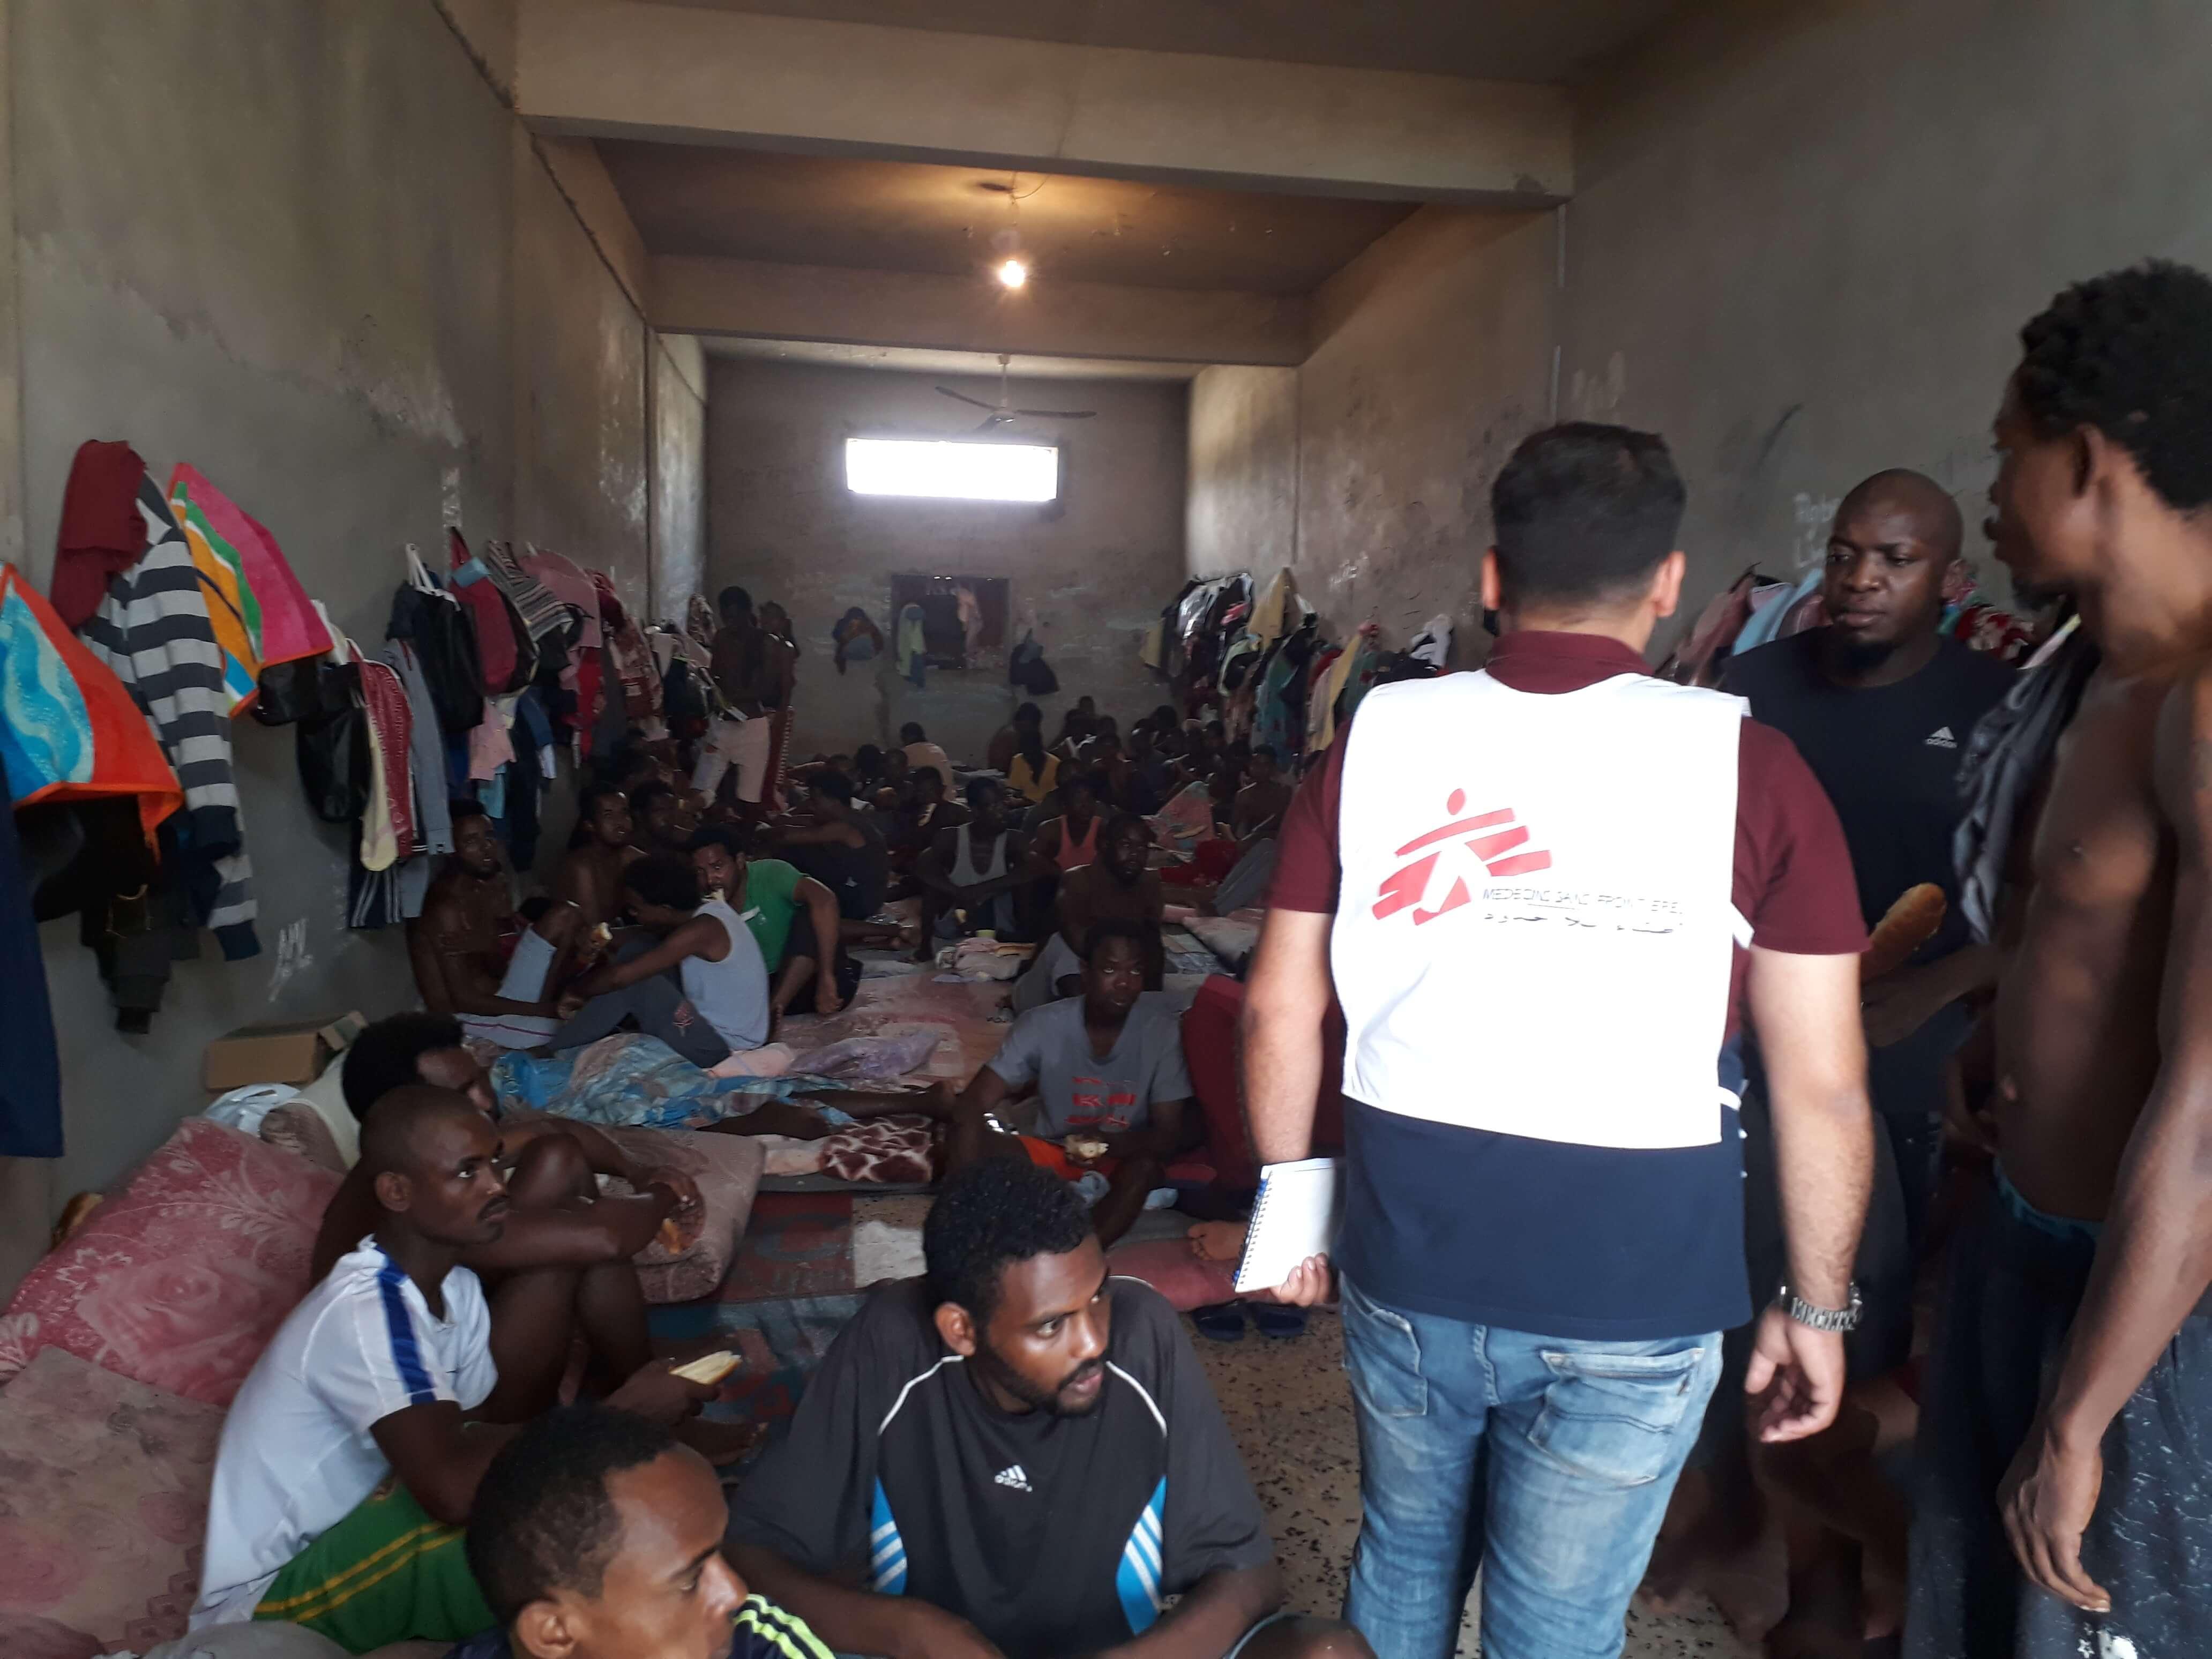 MSF pede fim de detenção arbitrária de refugiados e migrantes na Líbia